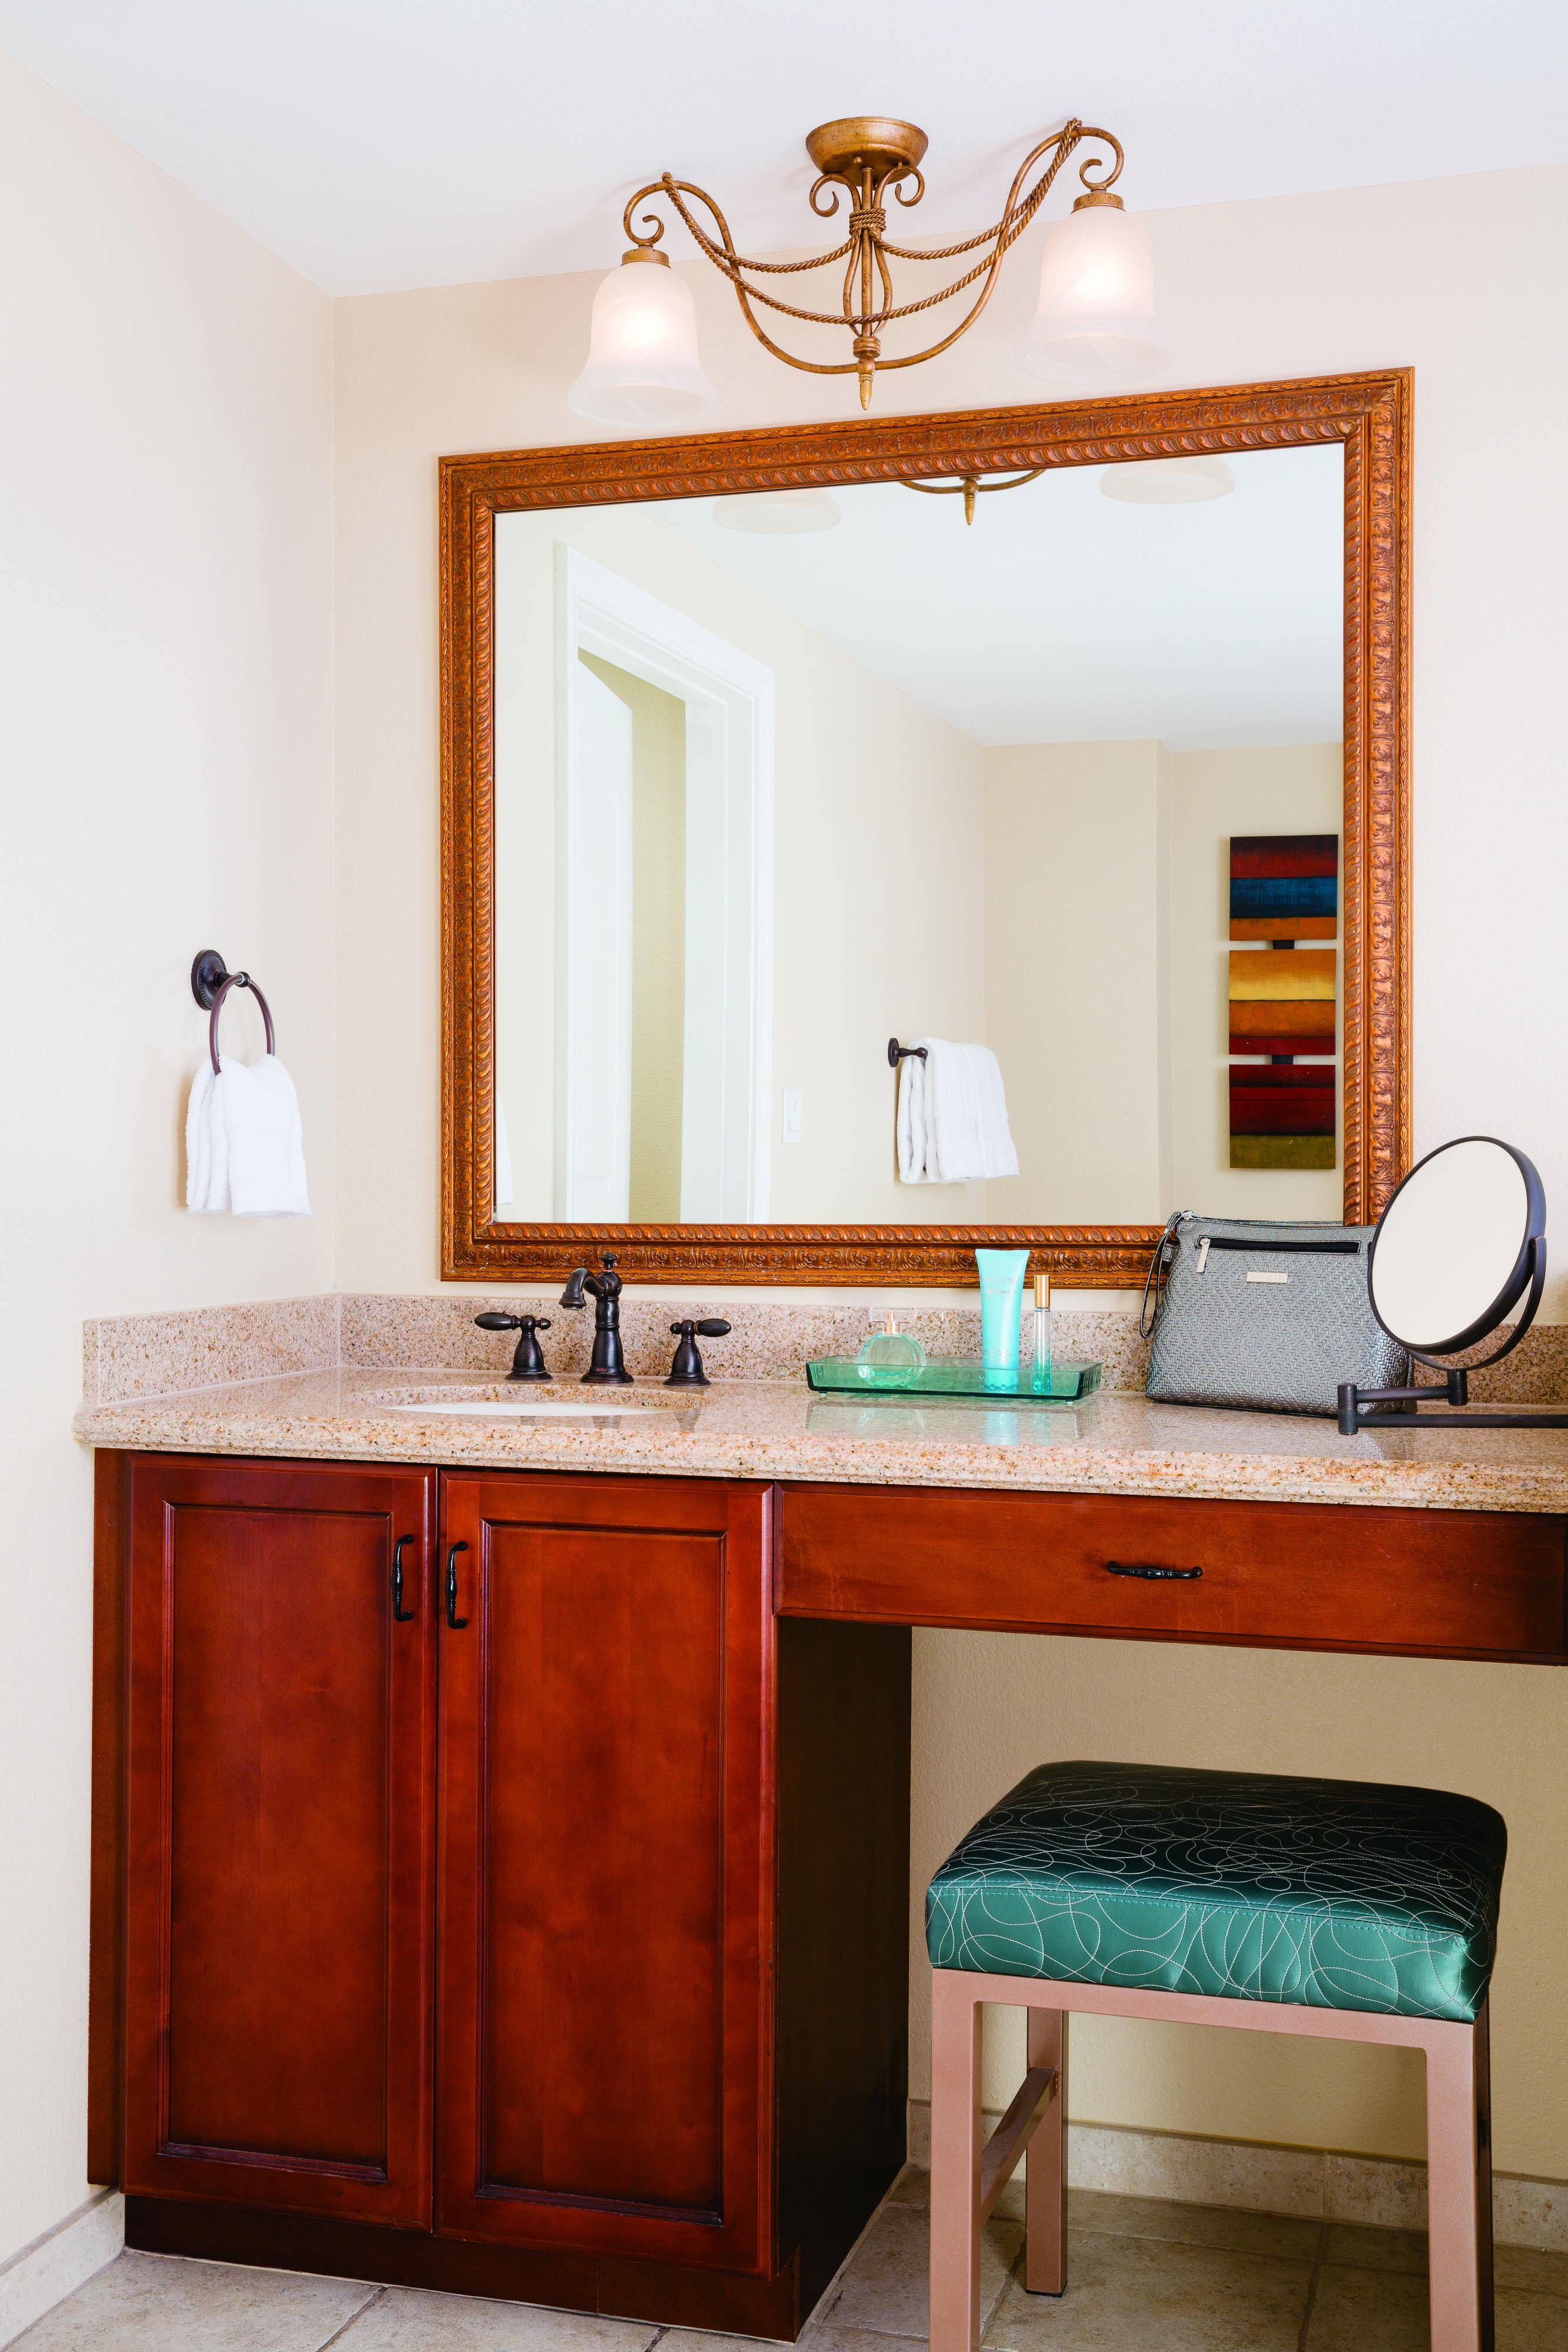 Marriotts grand chateau villa master bathroom vanity